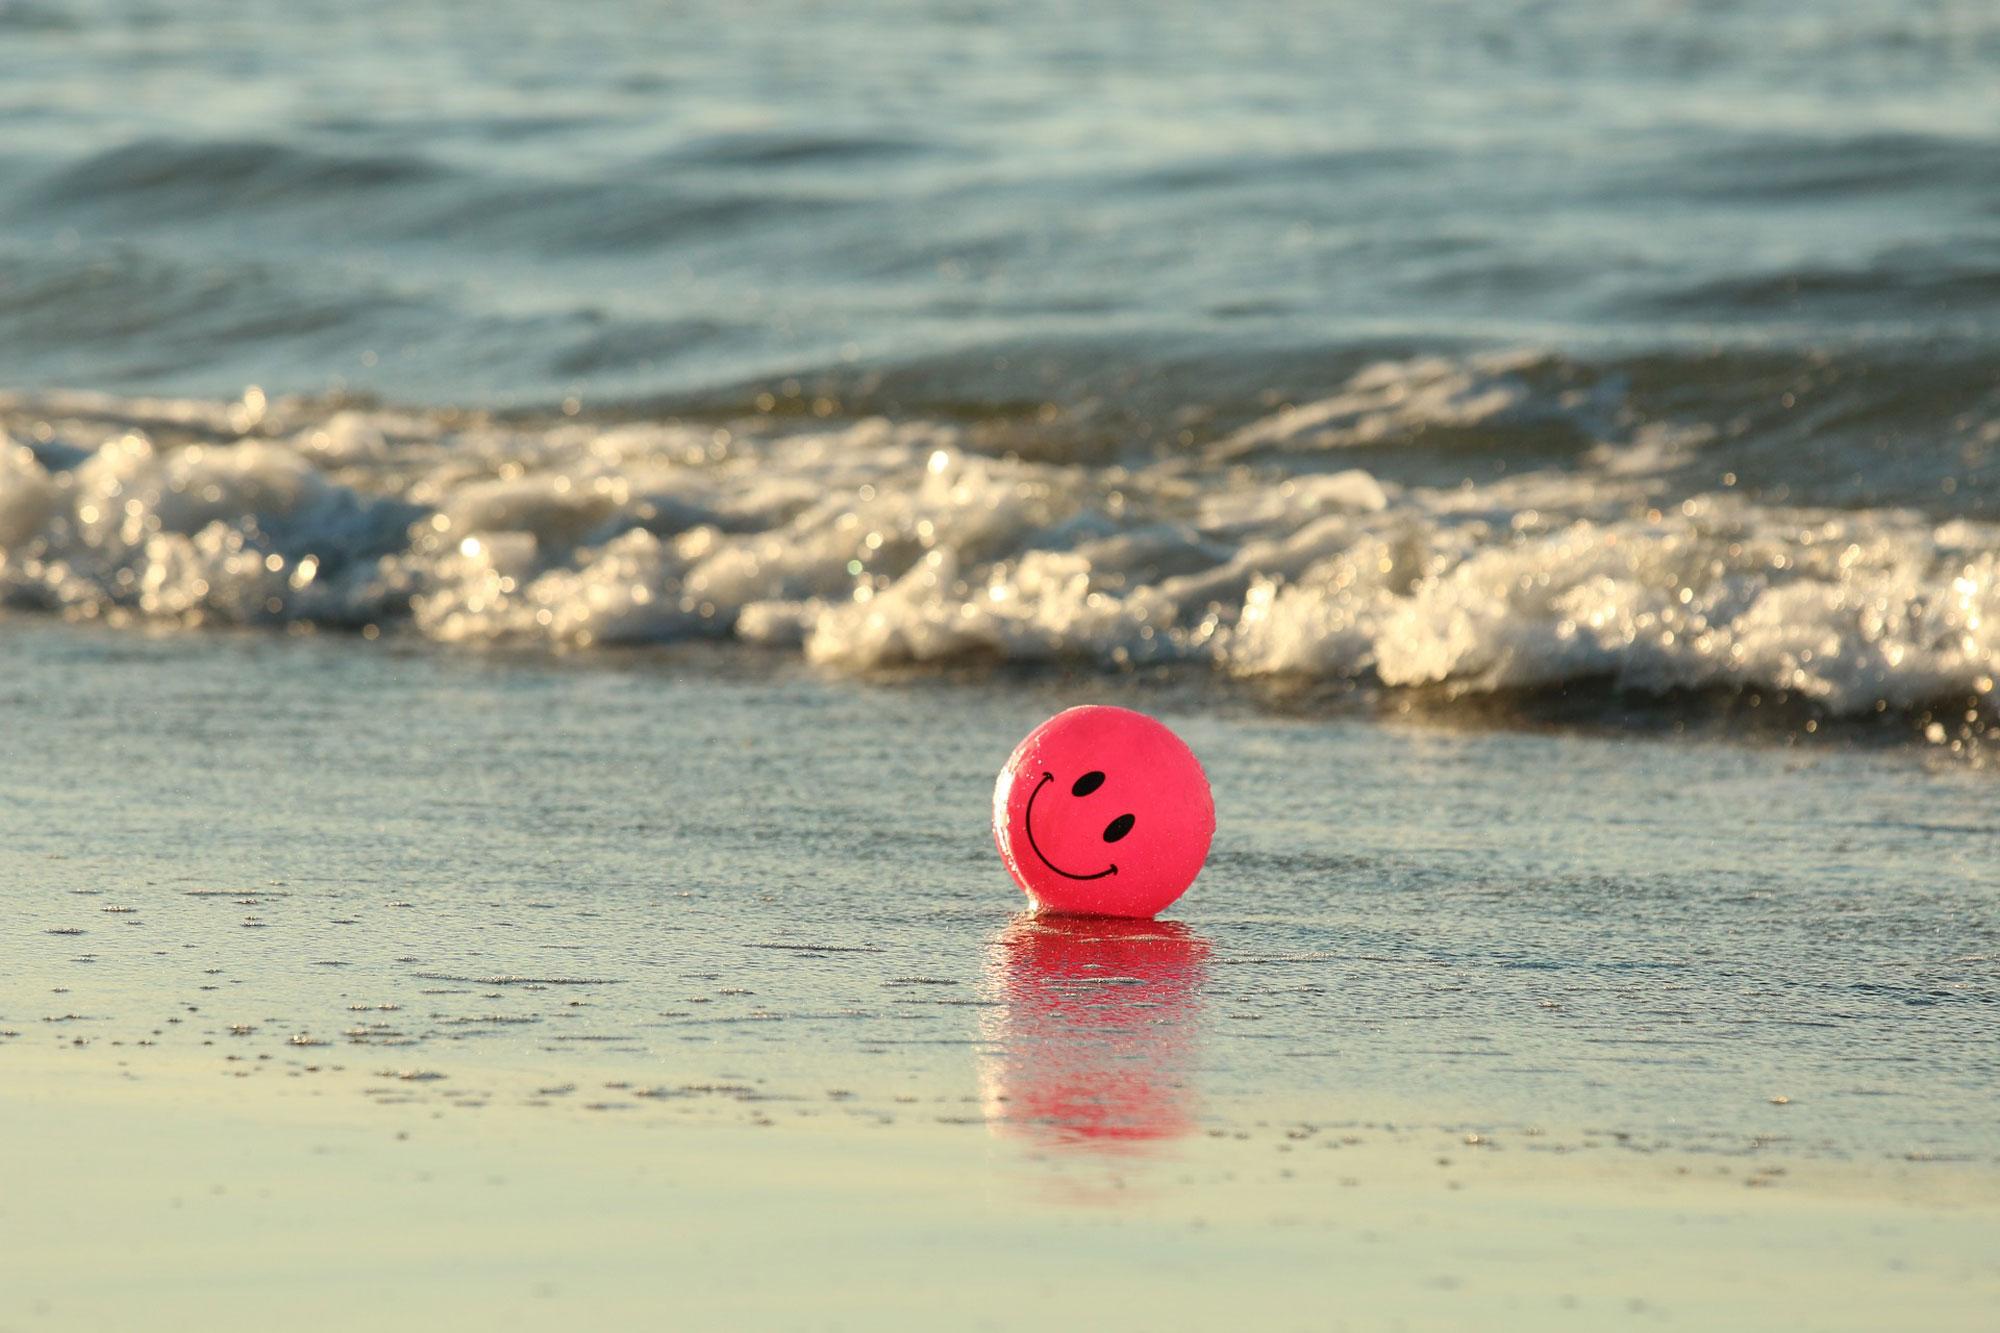 Pinker Luftballon mit Smile-Gesicht am Strand.